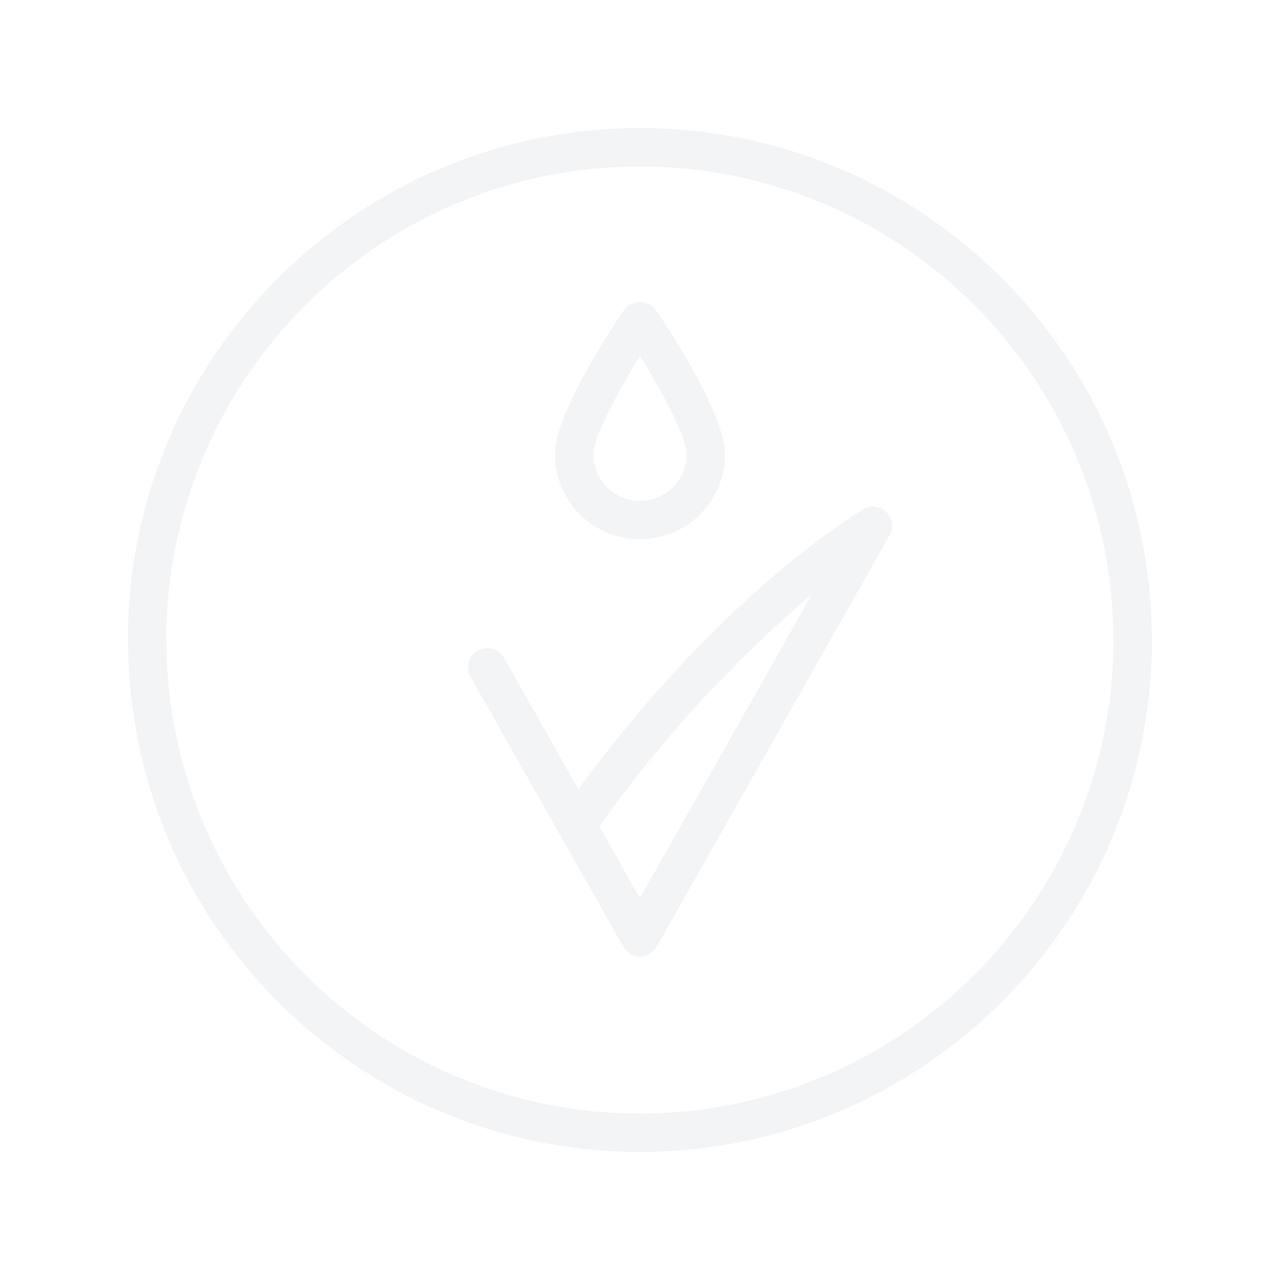 MICHAEL KORS Extreme Blue For Men Eau De Toilette